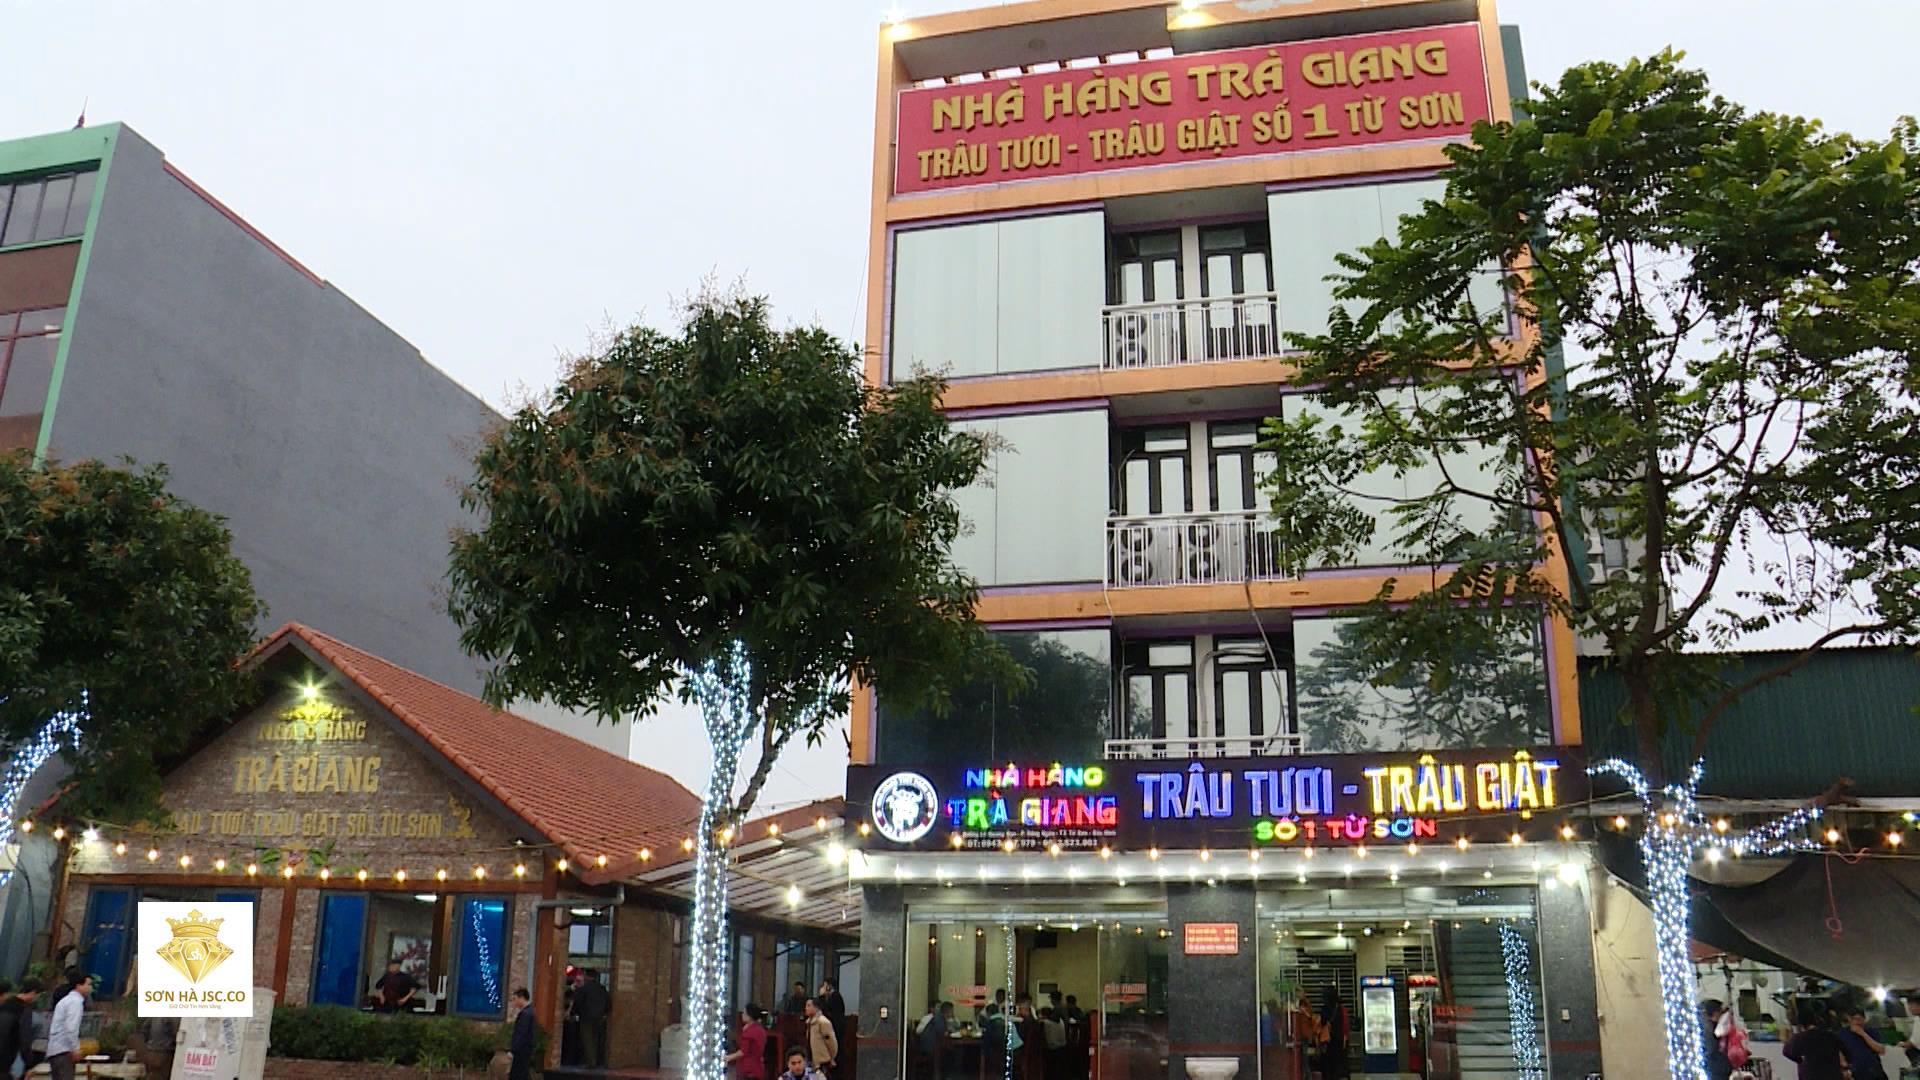 Nhà hàng Trâu giật Trà Giang